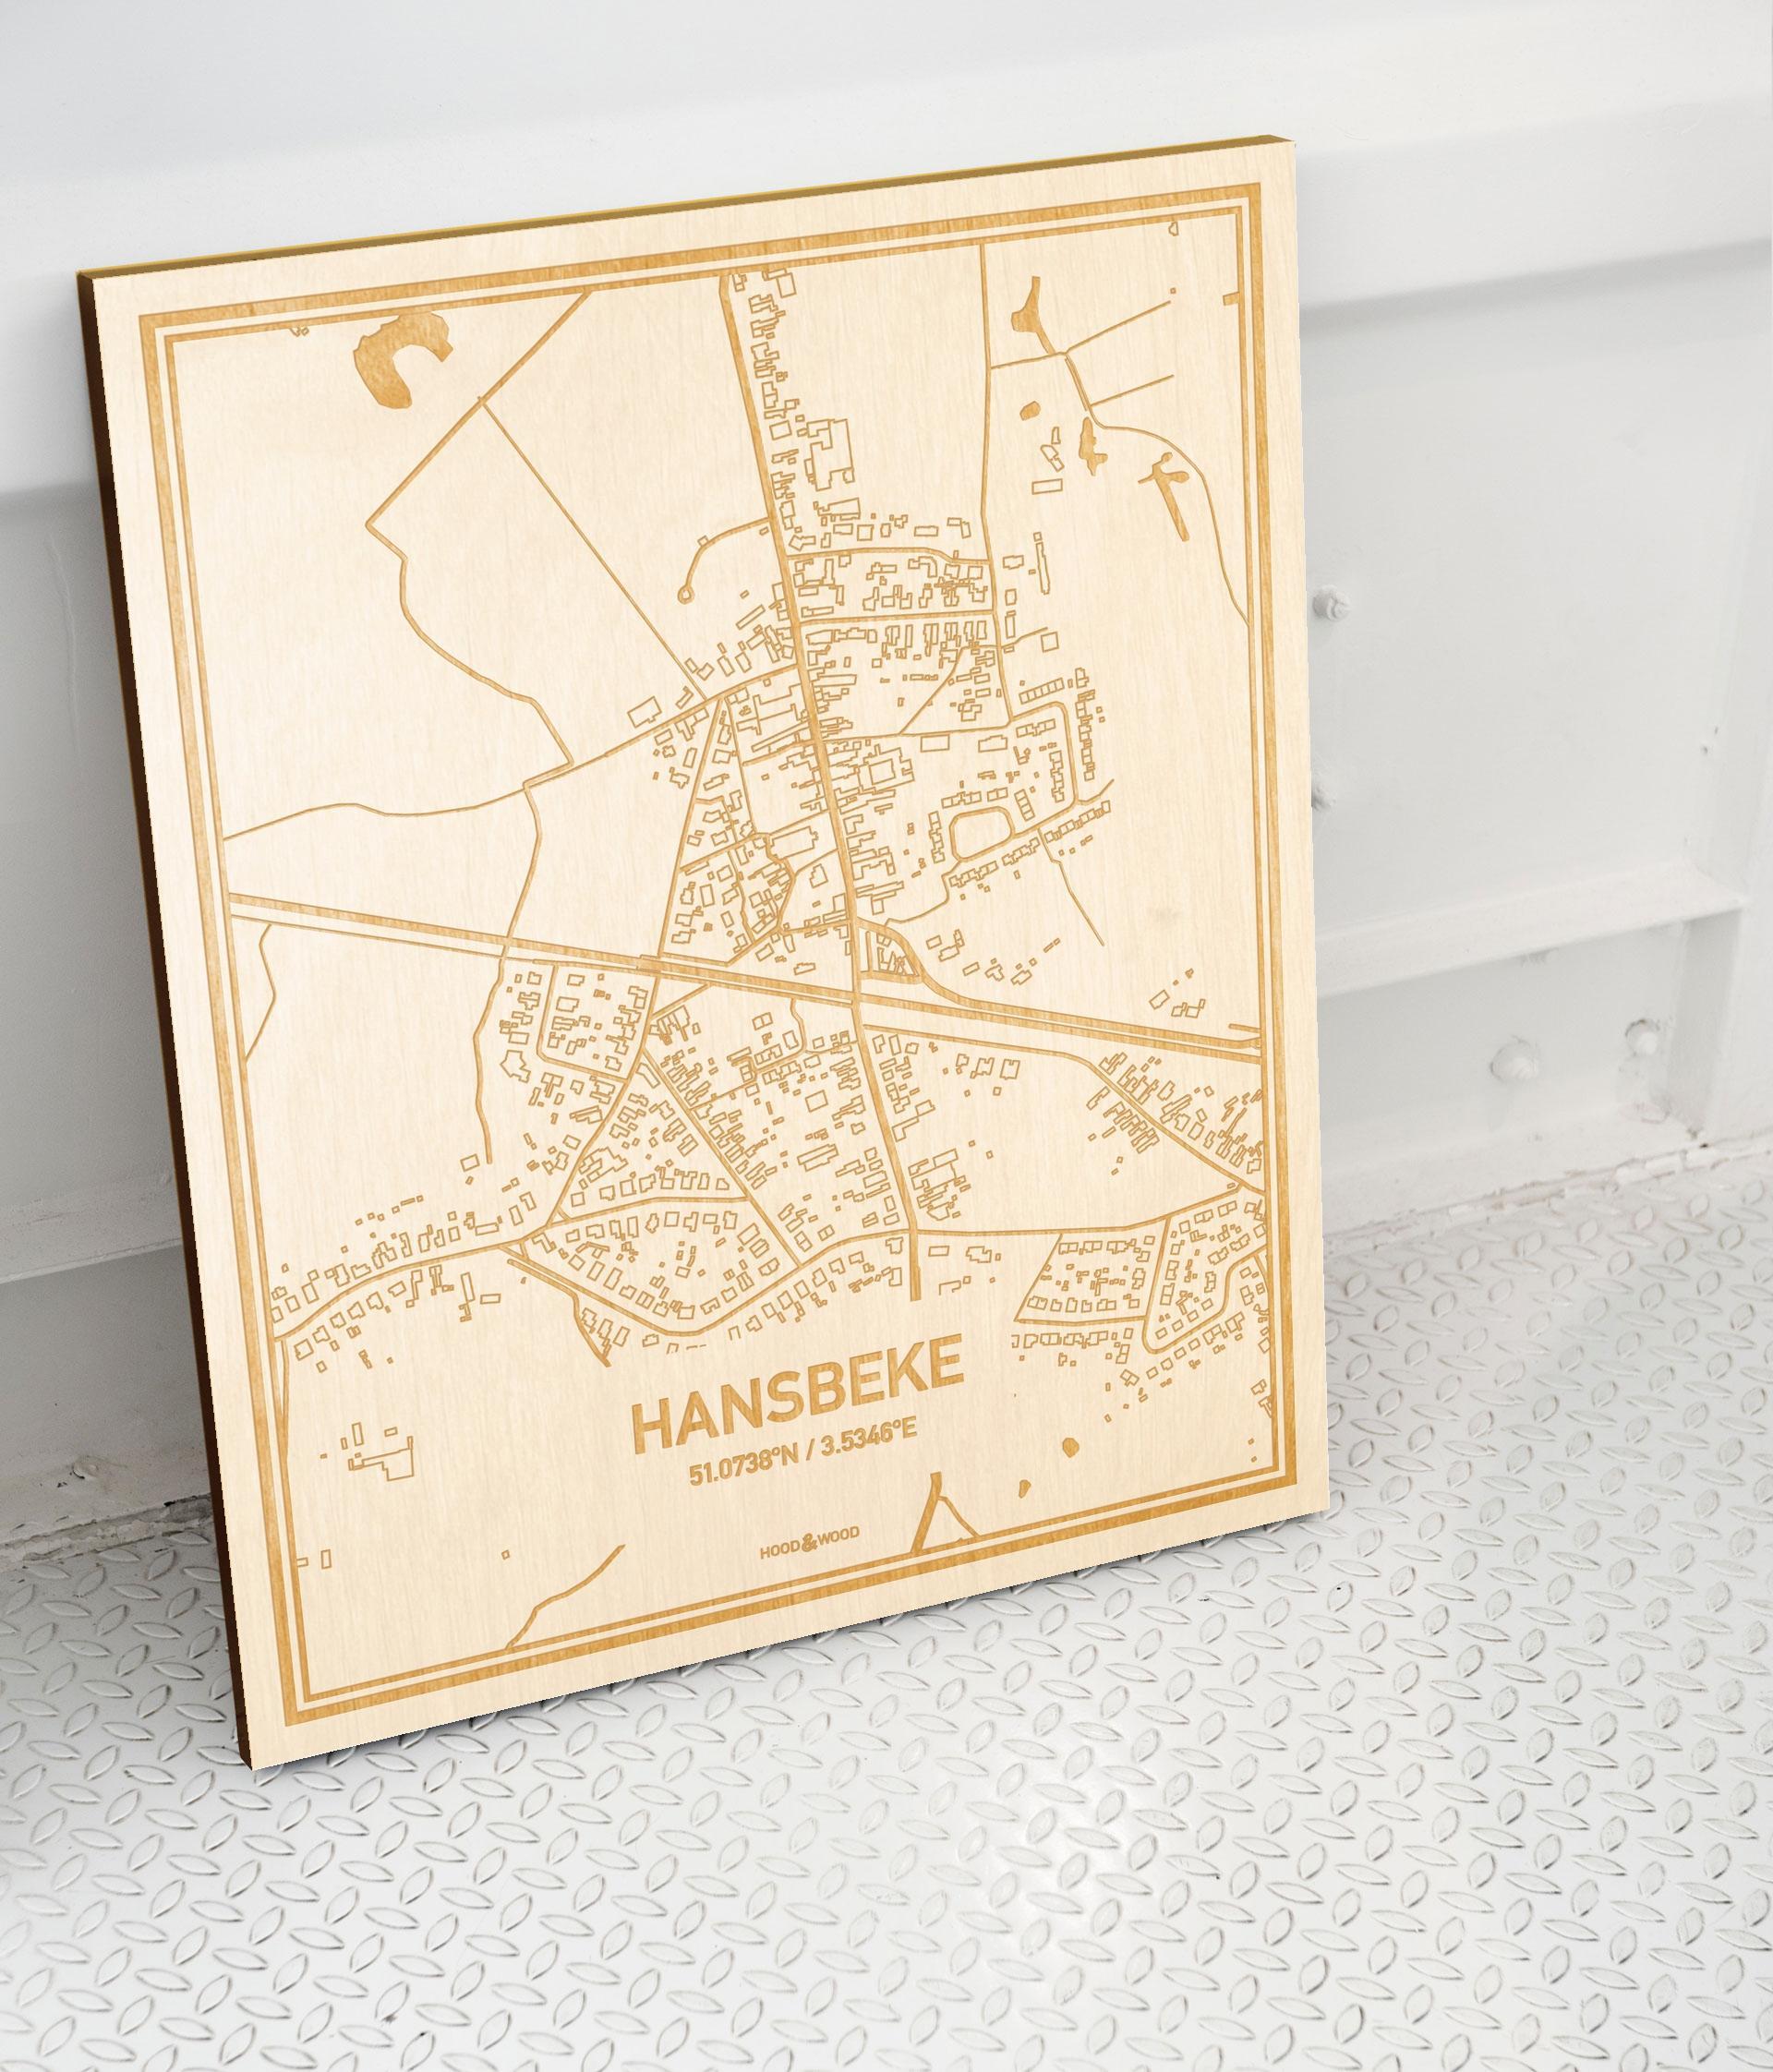 Plattegrond Hansbeke als prachtige houten wanddecoratie. Het warme hout contrasteert mooi met de witte muur.